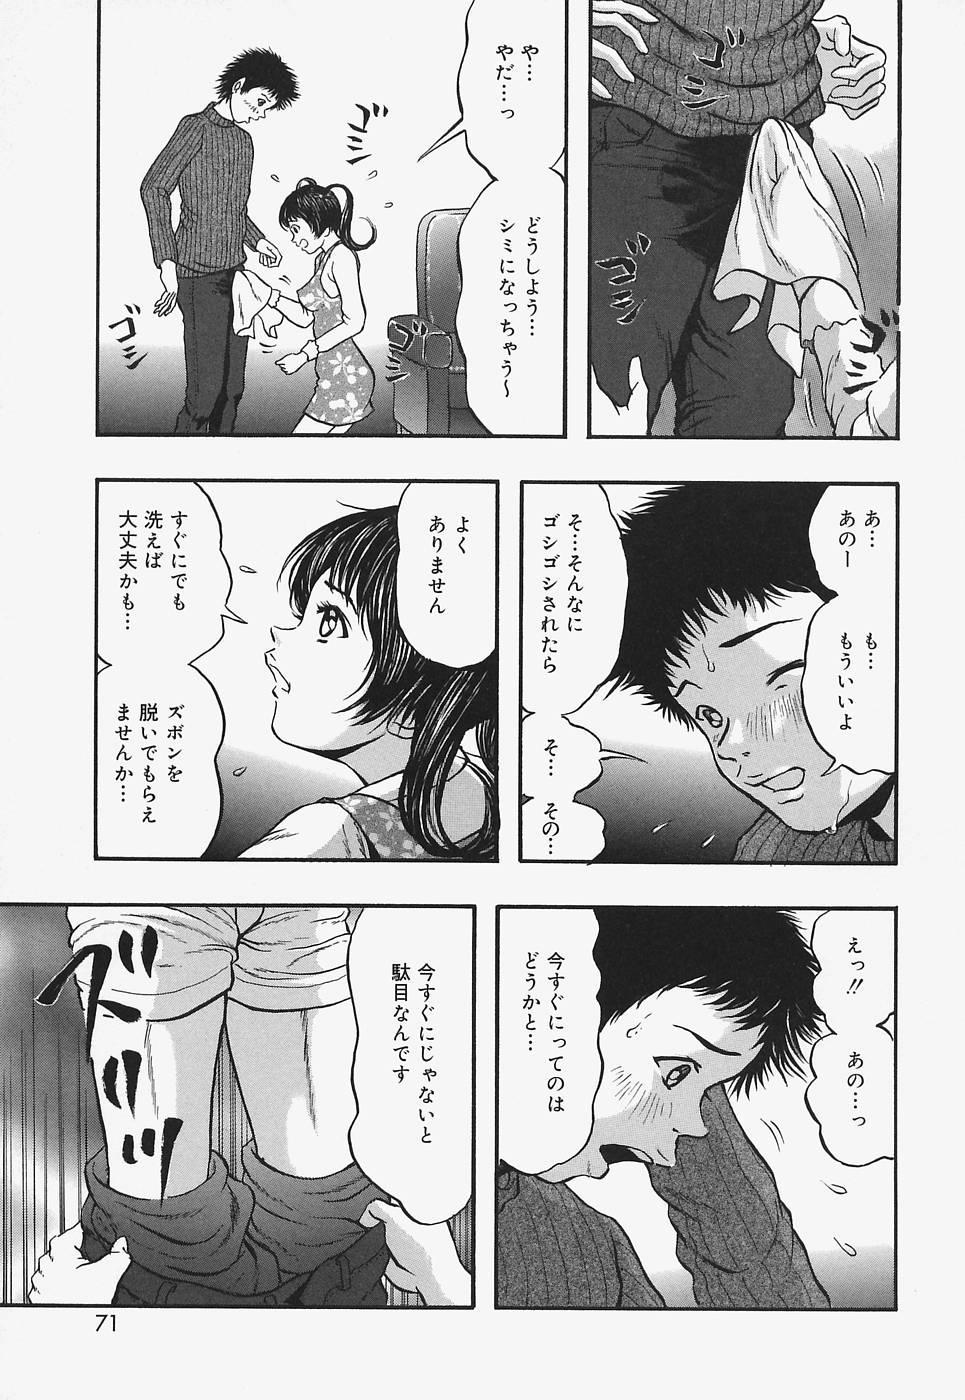 Nurunuru Syoujyo Jiru 70